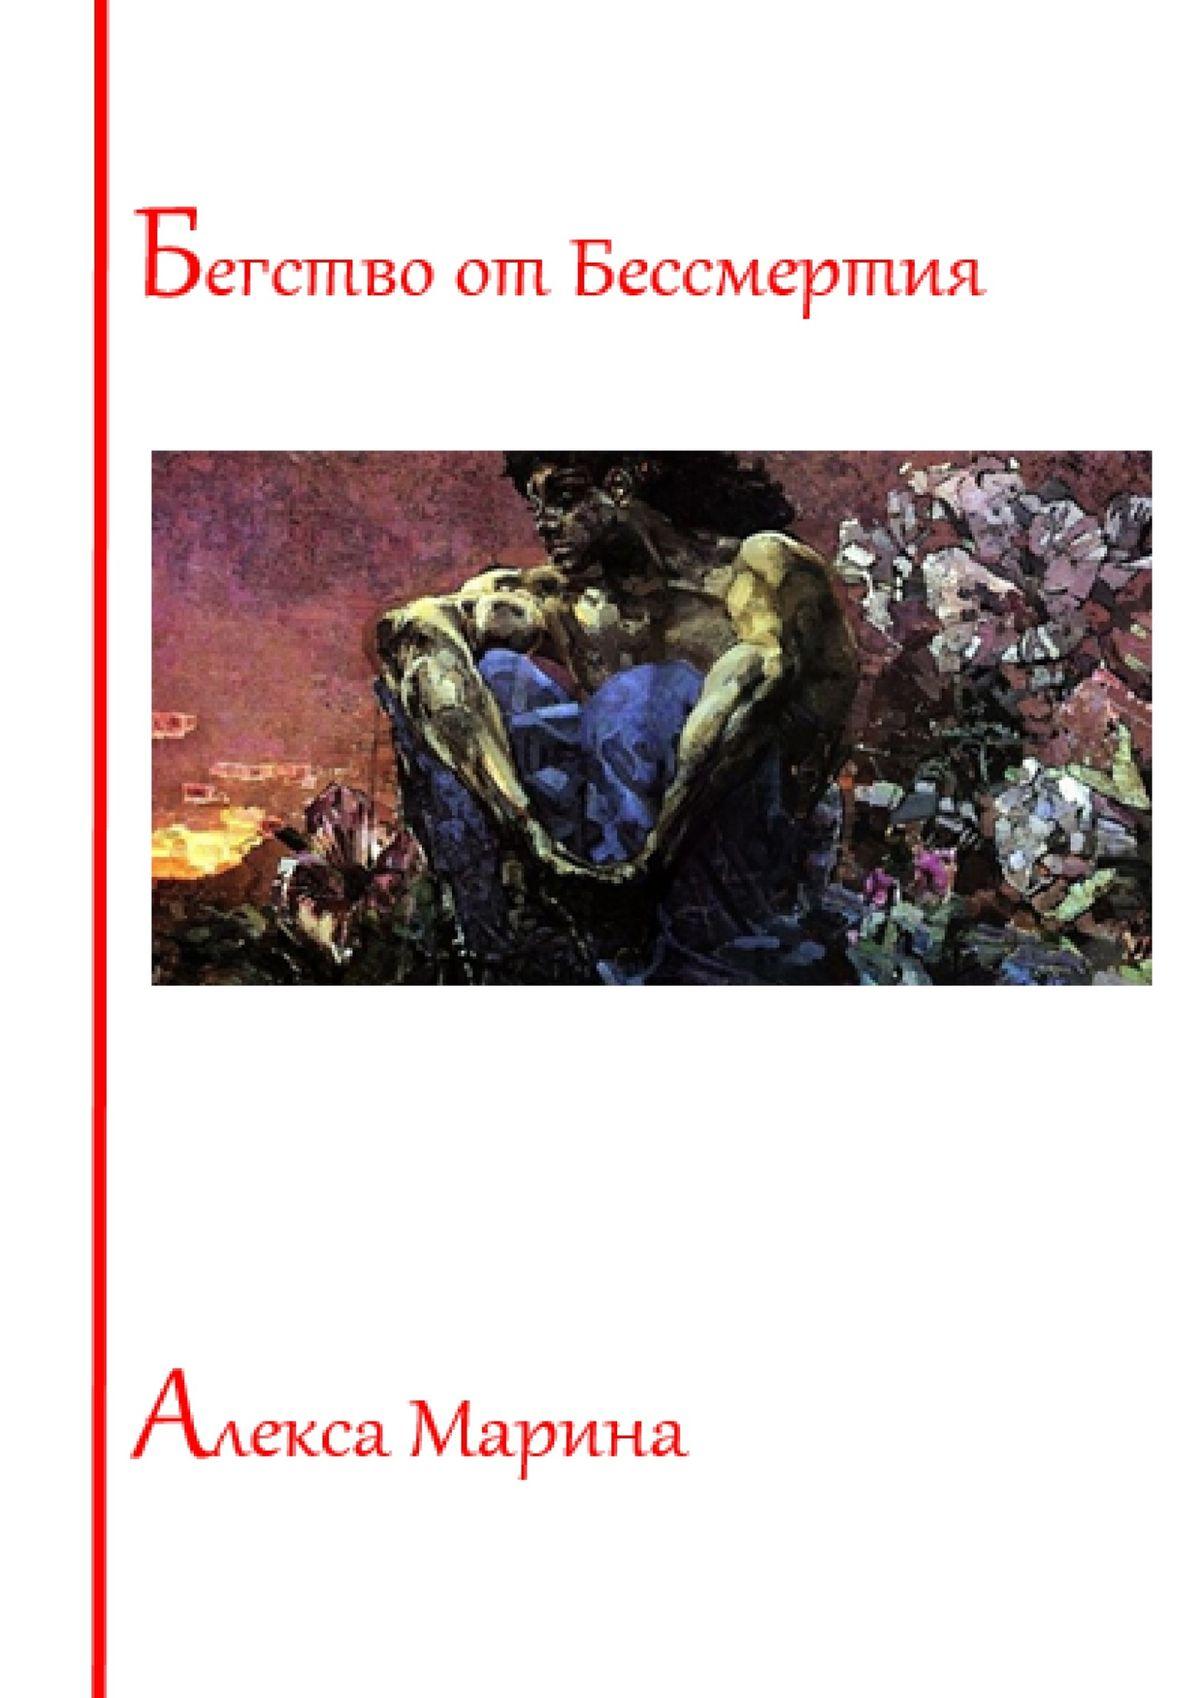 Алекса Марина Бегство от Бессмертия алекса марина бегство от бессмертия